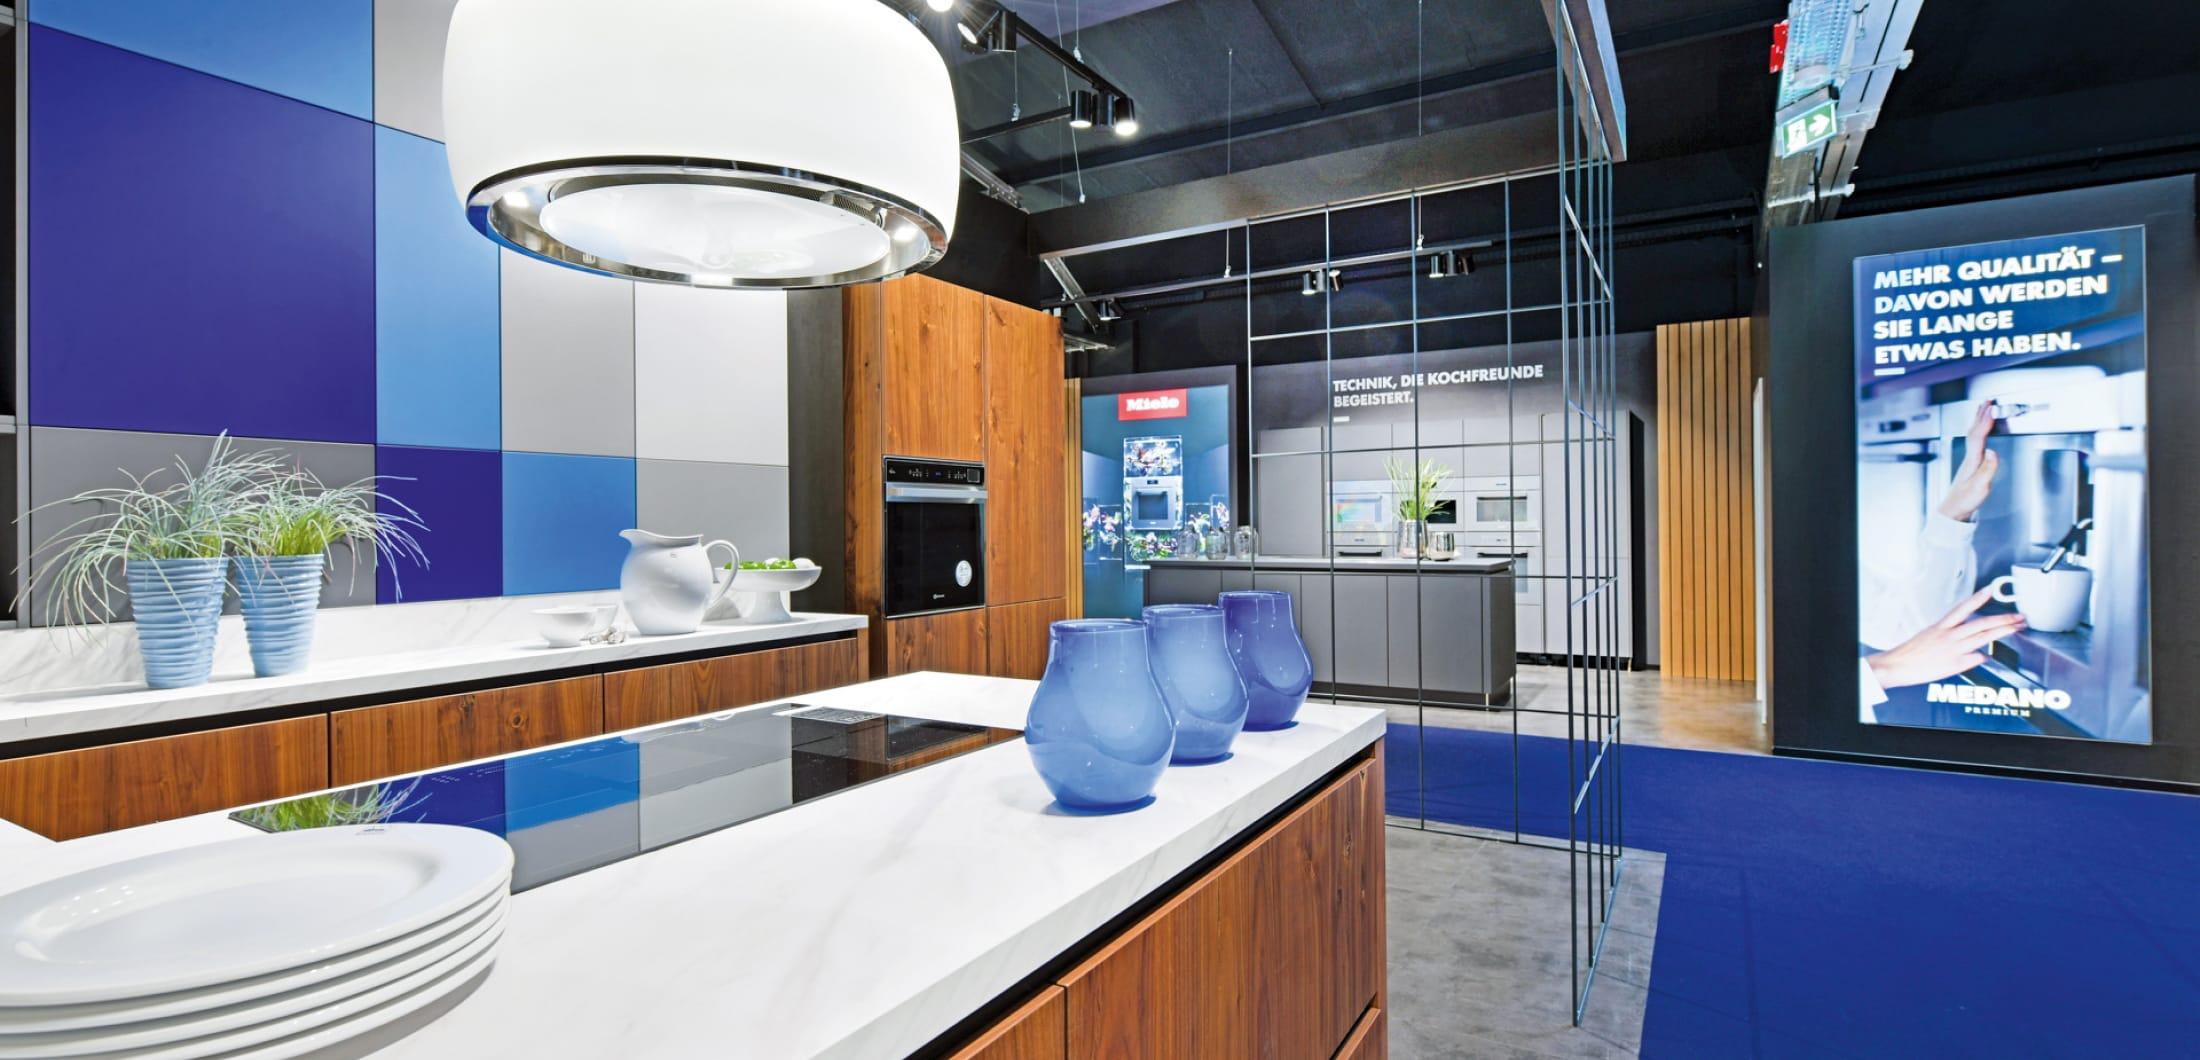 moderne Kücheninsel mit modernen Küchengeräten